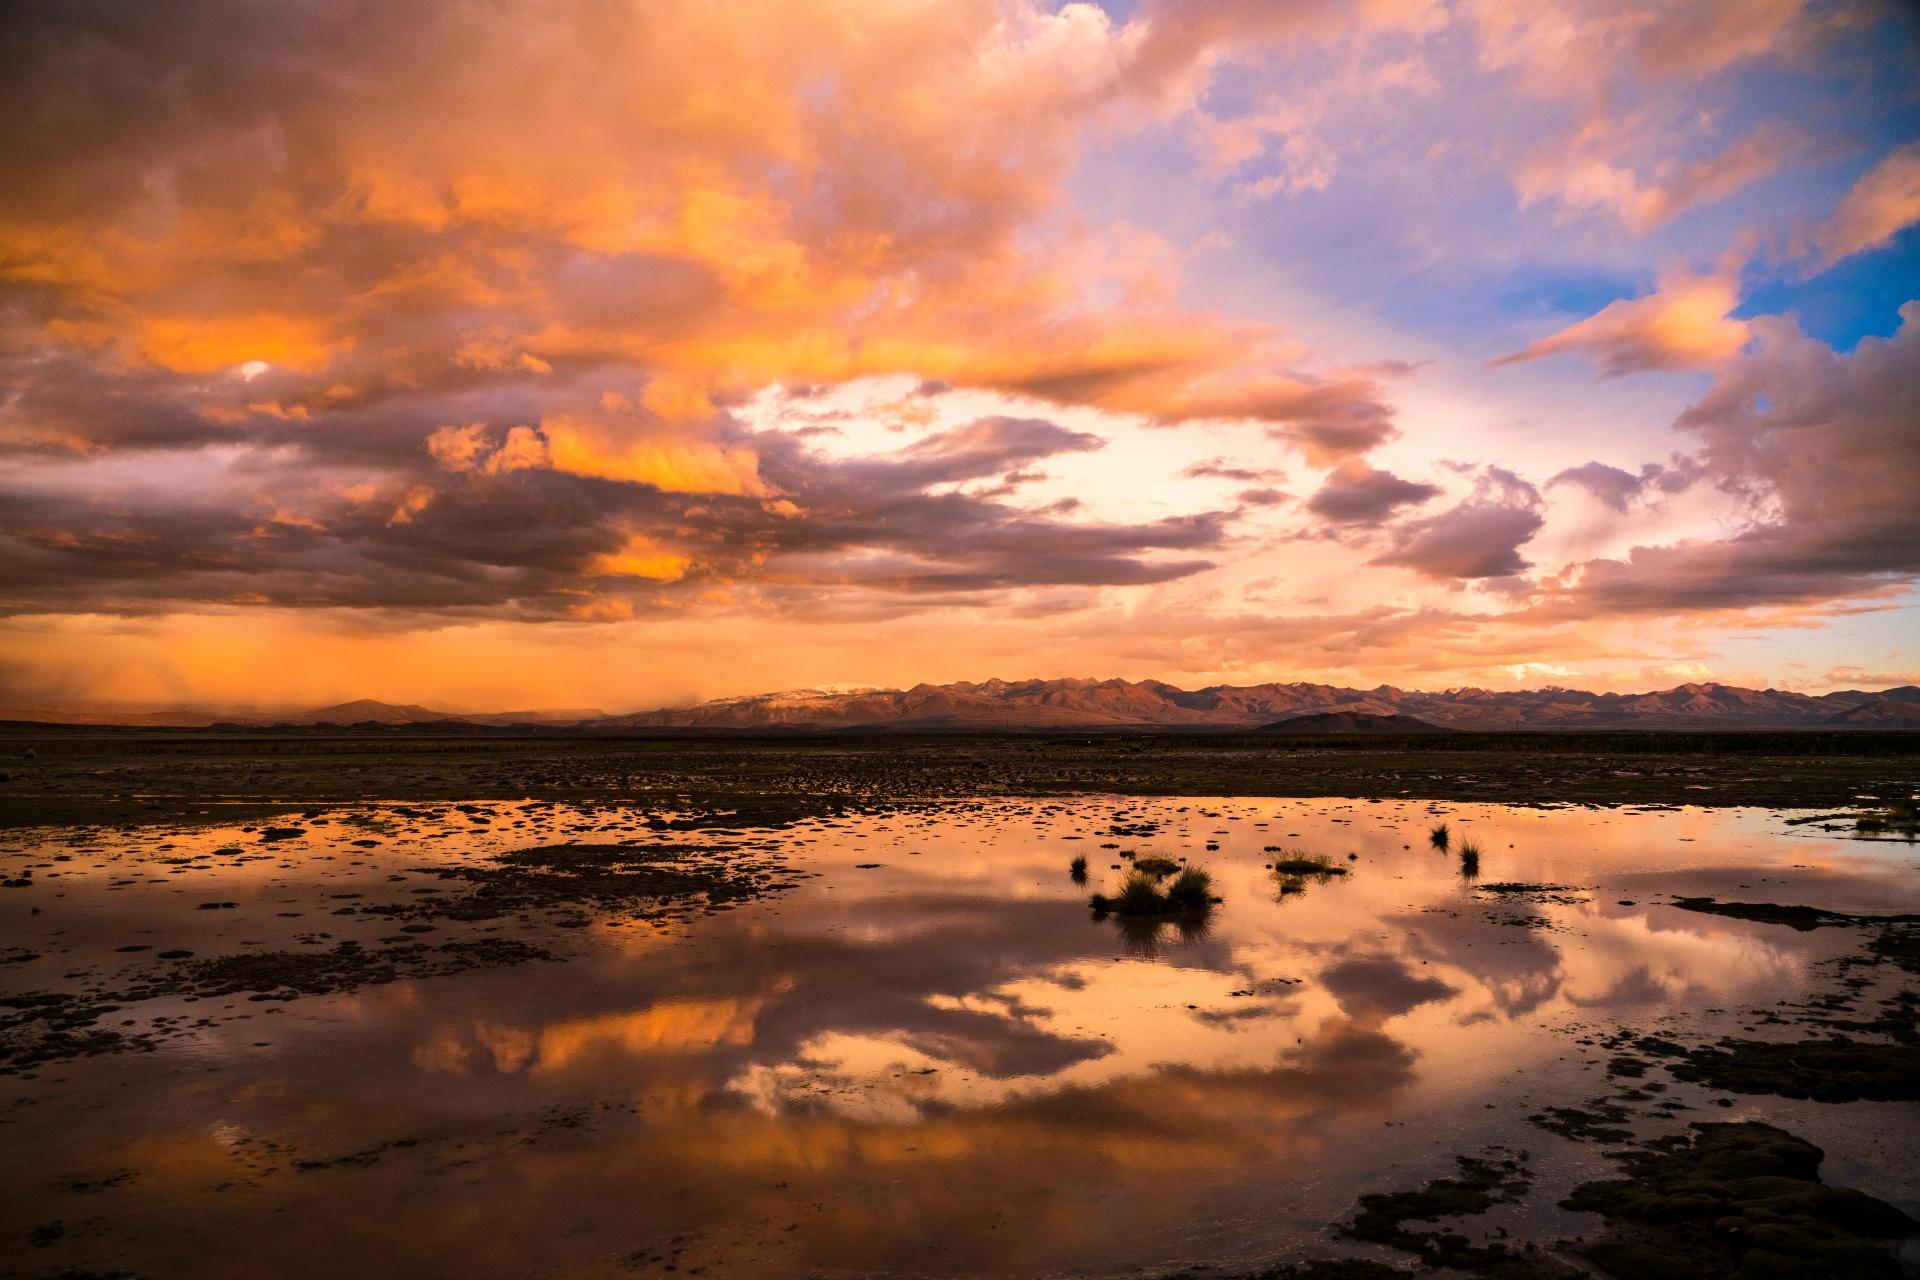 夕焼け空とウユニ塩湖 ボリビアの風景